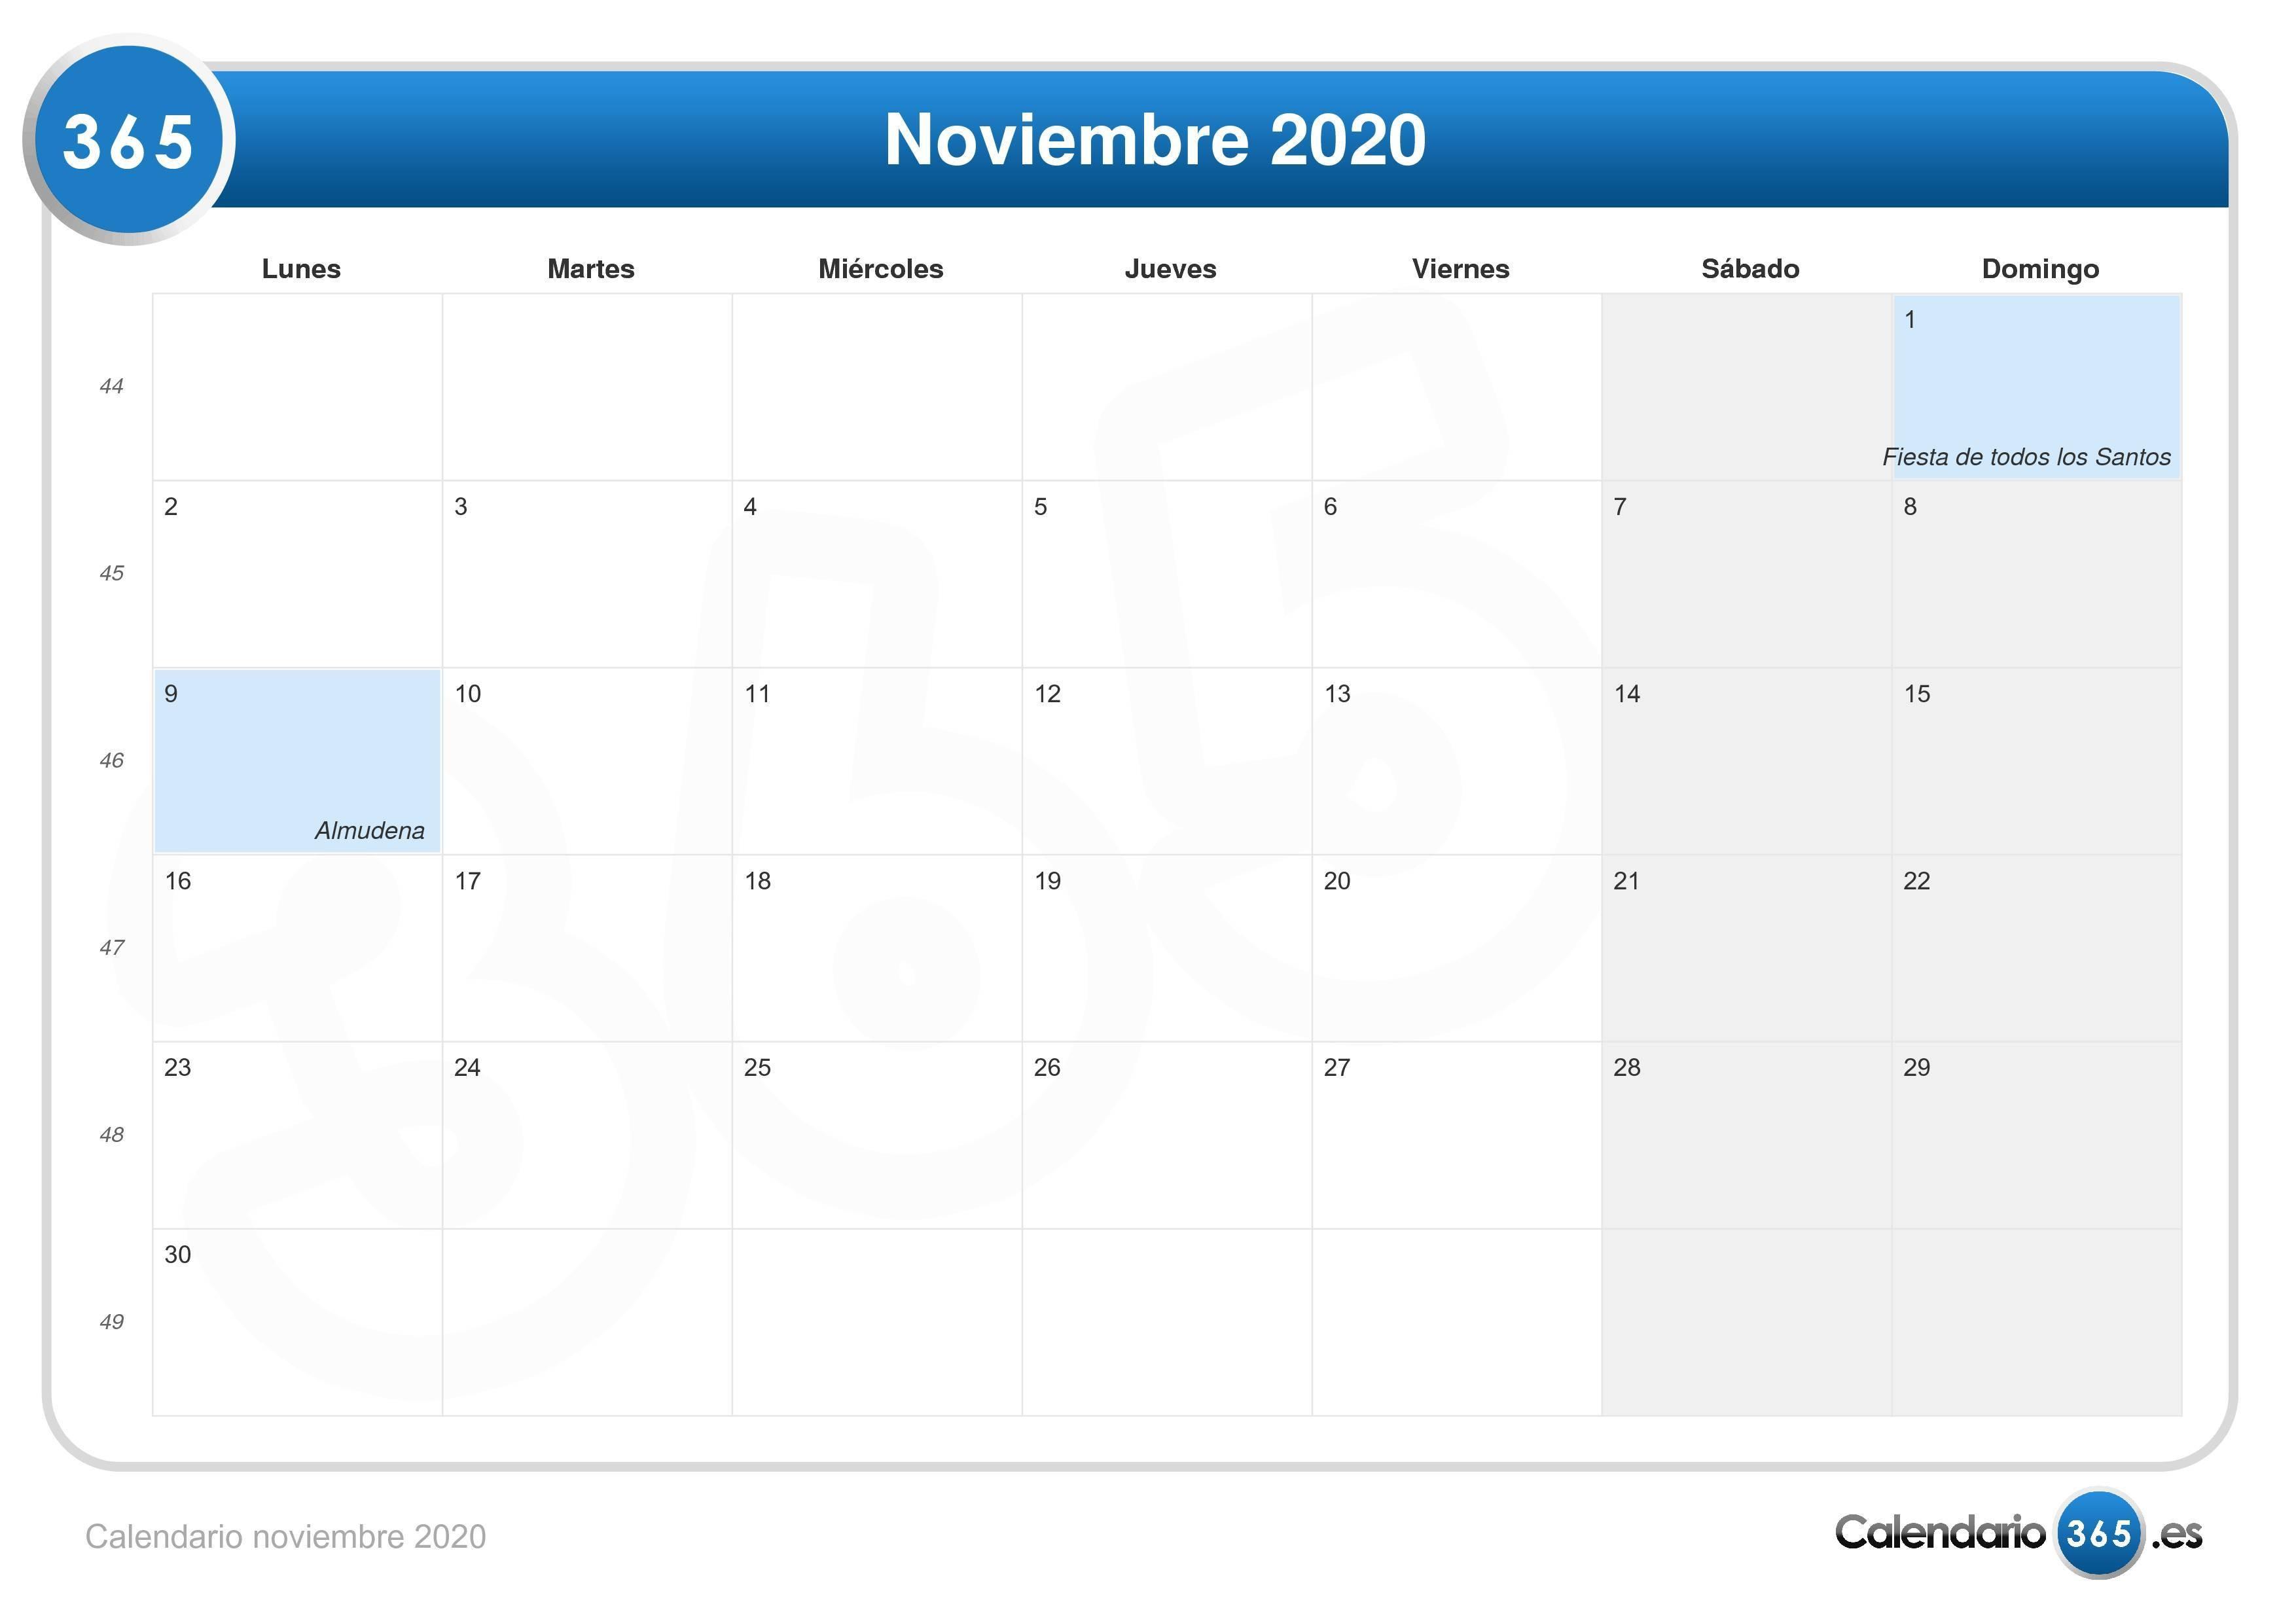 Agenda Calendario Semanal Para Imprimir Más Populares Noviembre Calendario 2020